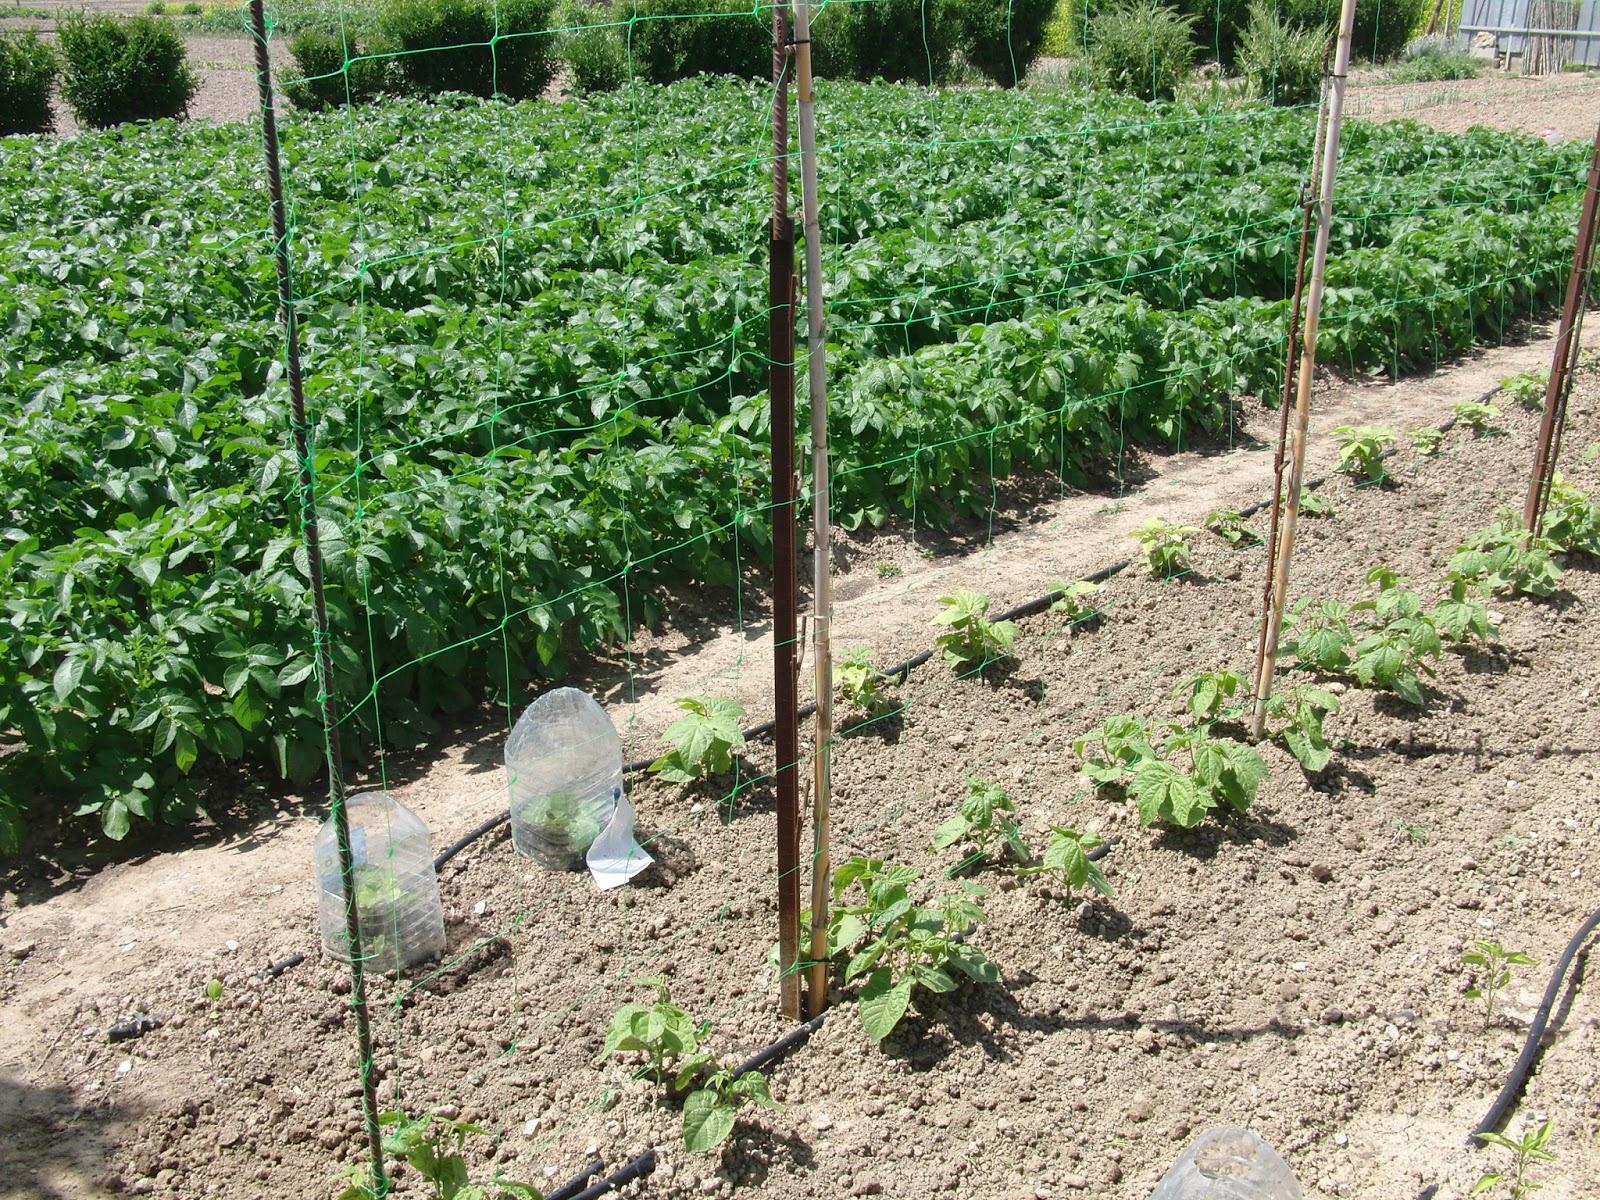 Un huerto familiar judias verdes dia 18 de mayo - Cultivar judias verdes ...